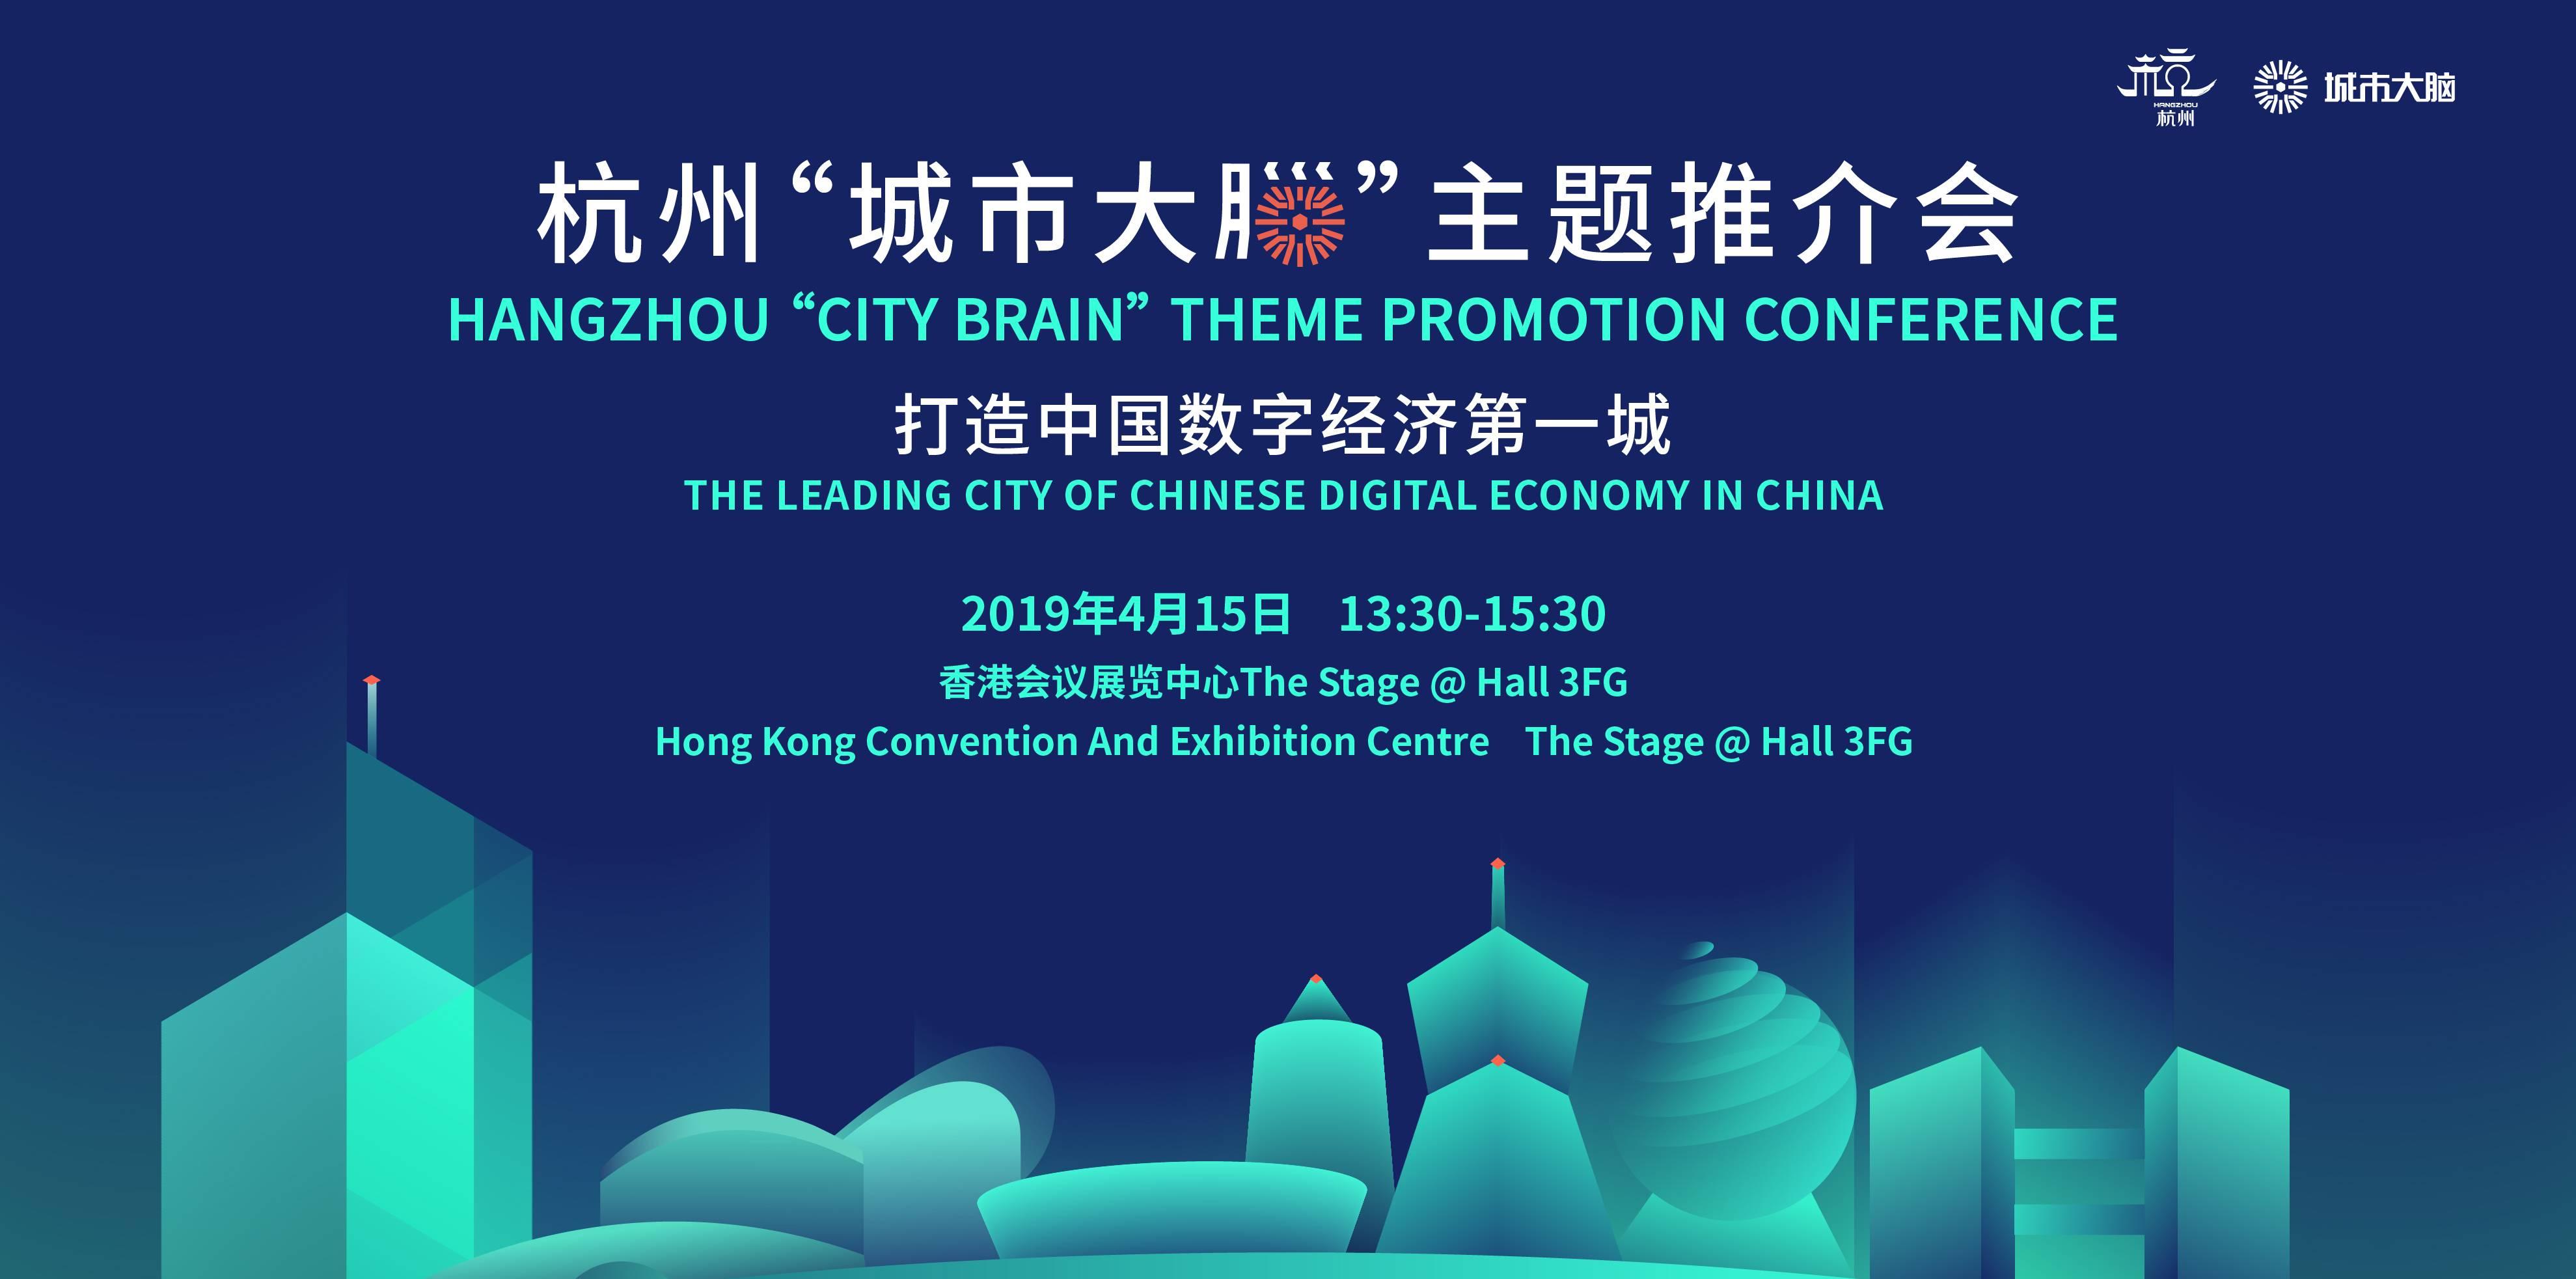 【活动】香港国际资讯科技博览会杭州城市大脑主题推介会-亿欧